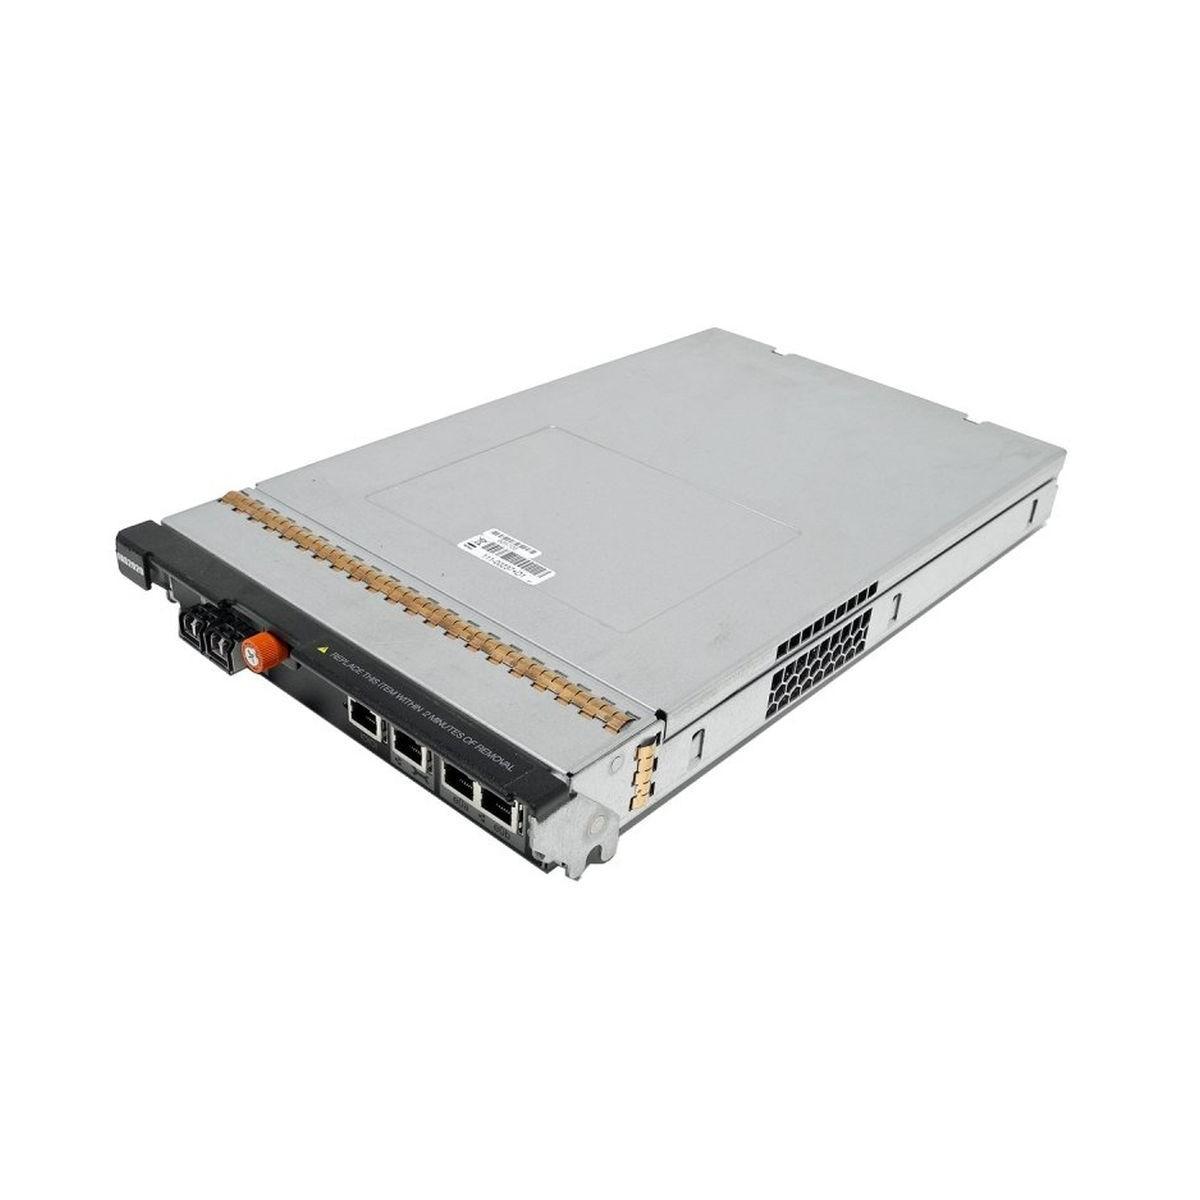 HP Z620 2.0 SIX E5-2620 8GB 240SSD K2000 WIN10 PRO